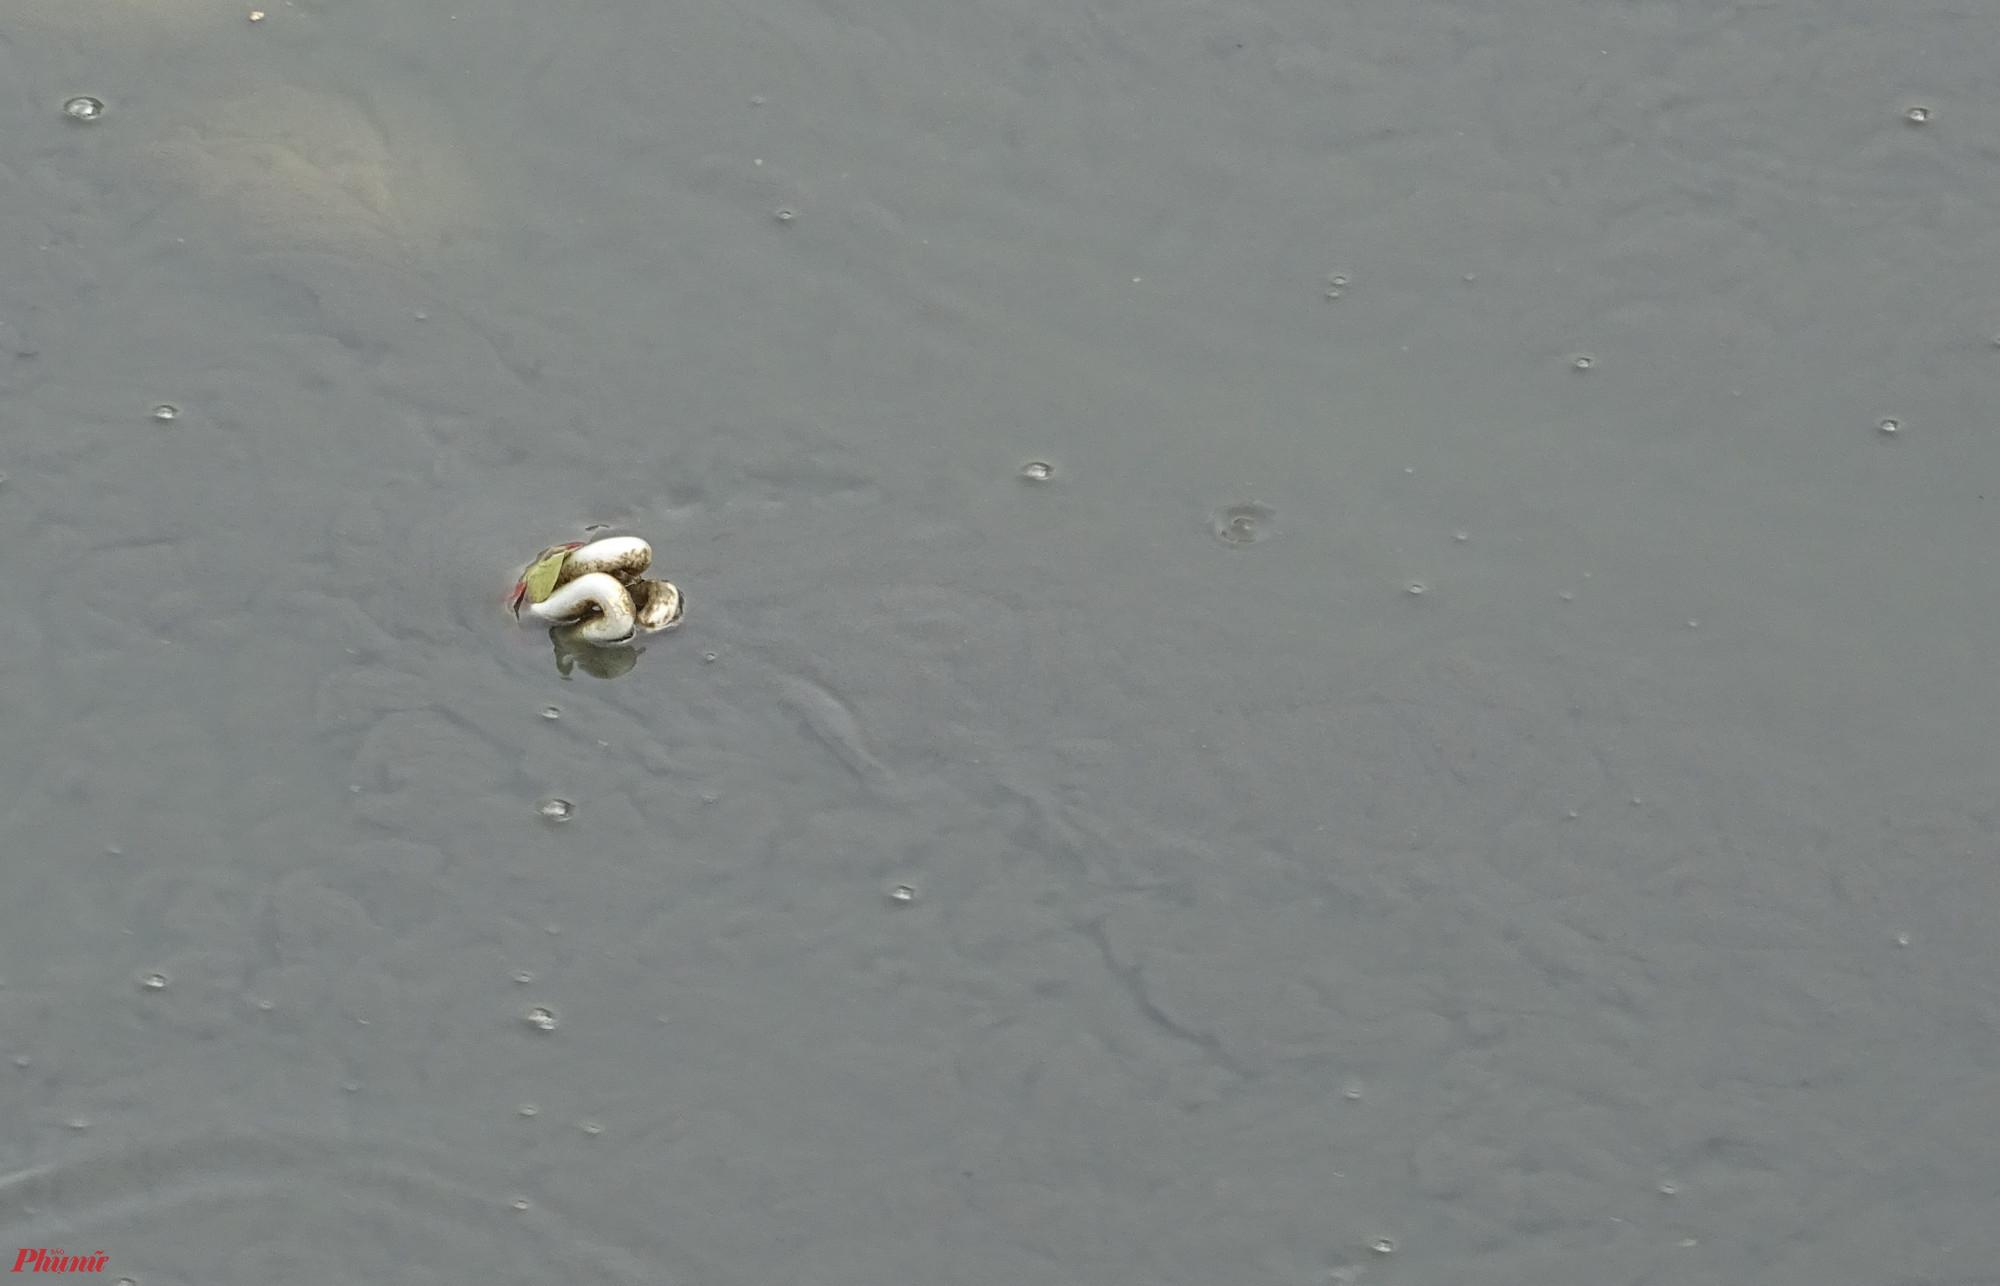 -Những chỗ kênh cạn đáy, lộ ra nhiều loại rác thải nguy hiểm. Đến bóng đèn led cũng bị vứt xuống kênh. Ảnh: TRUNG THANH